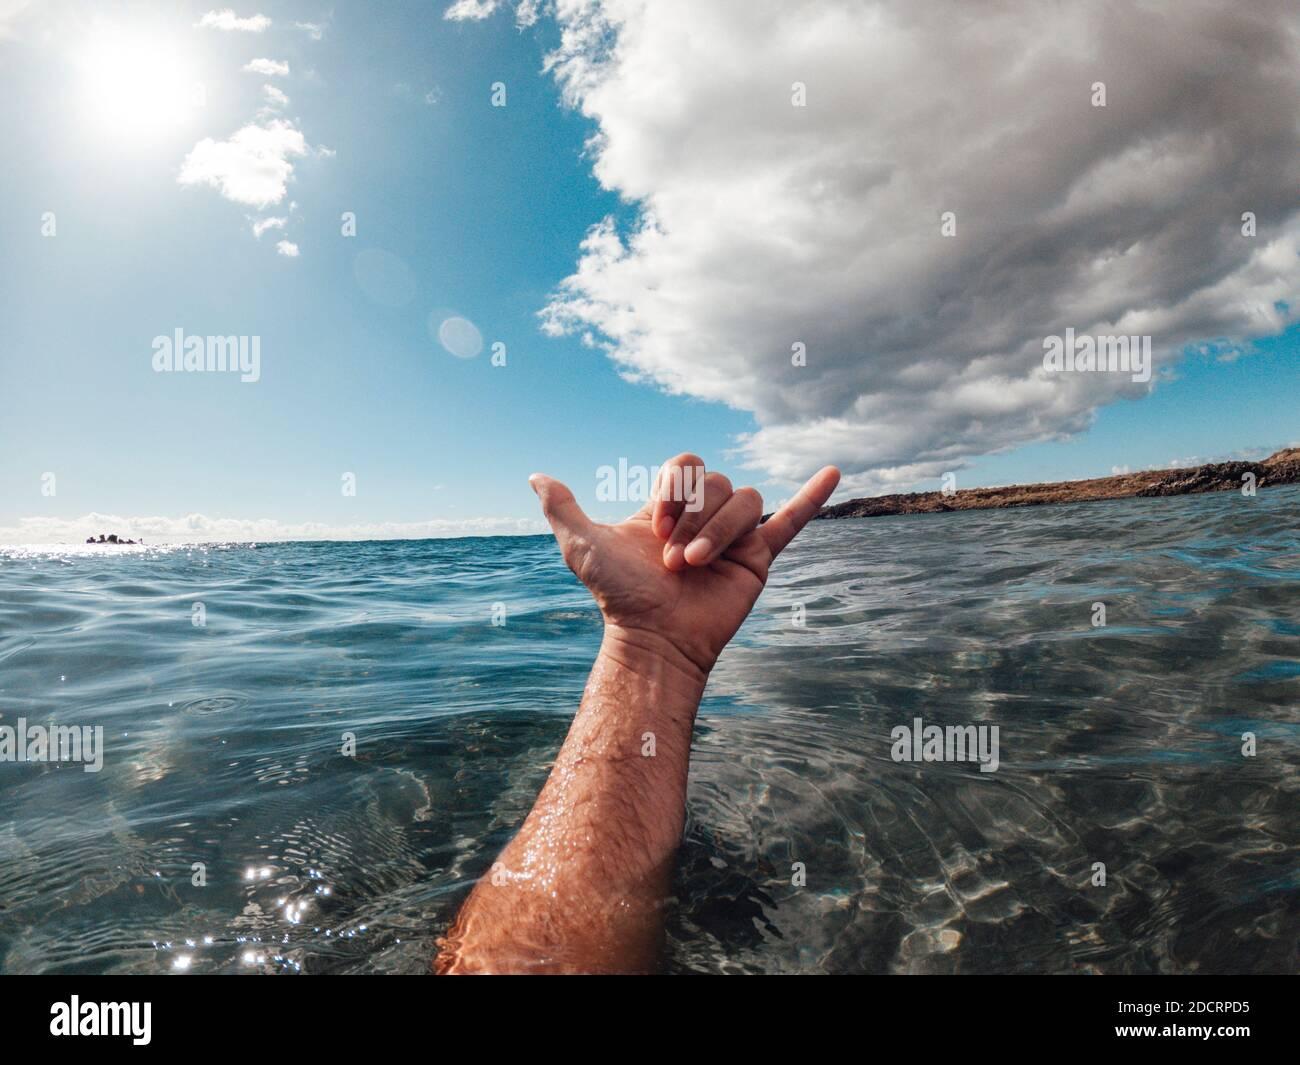 Mann reicht das Surfschild hallo aus dem blauen Himmel meerwasser mit Küste und schönem Himmel im Hintergrund - Konzept von Menschen und Sommerurlaub Stockfoto